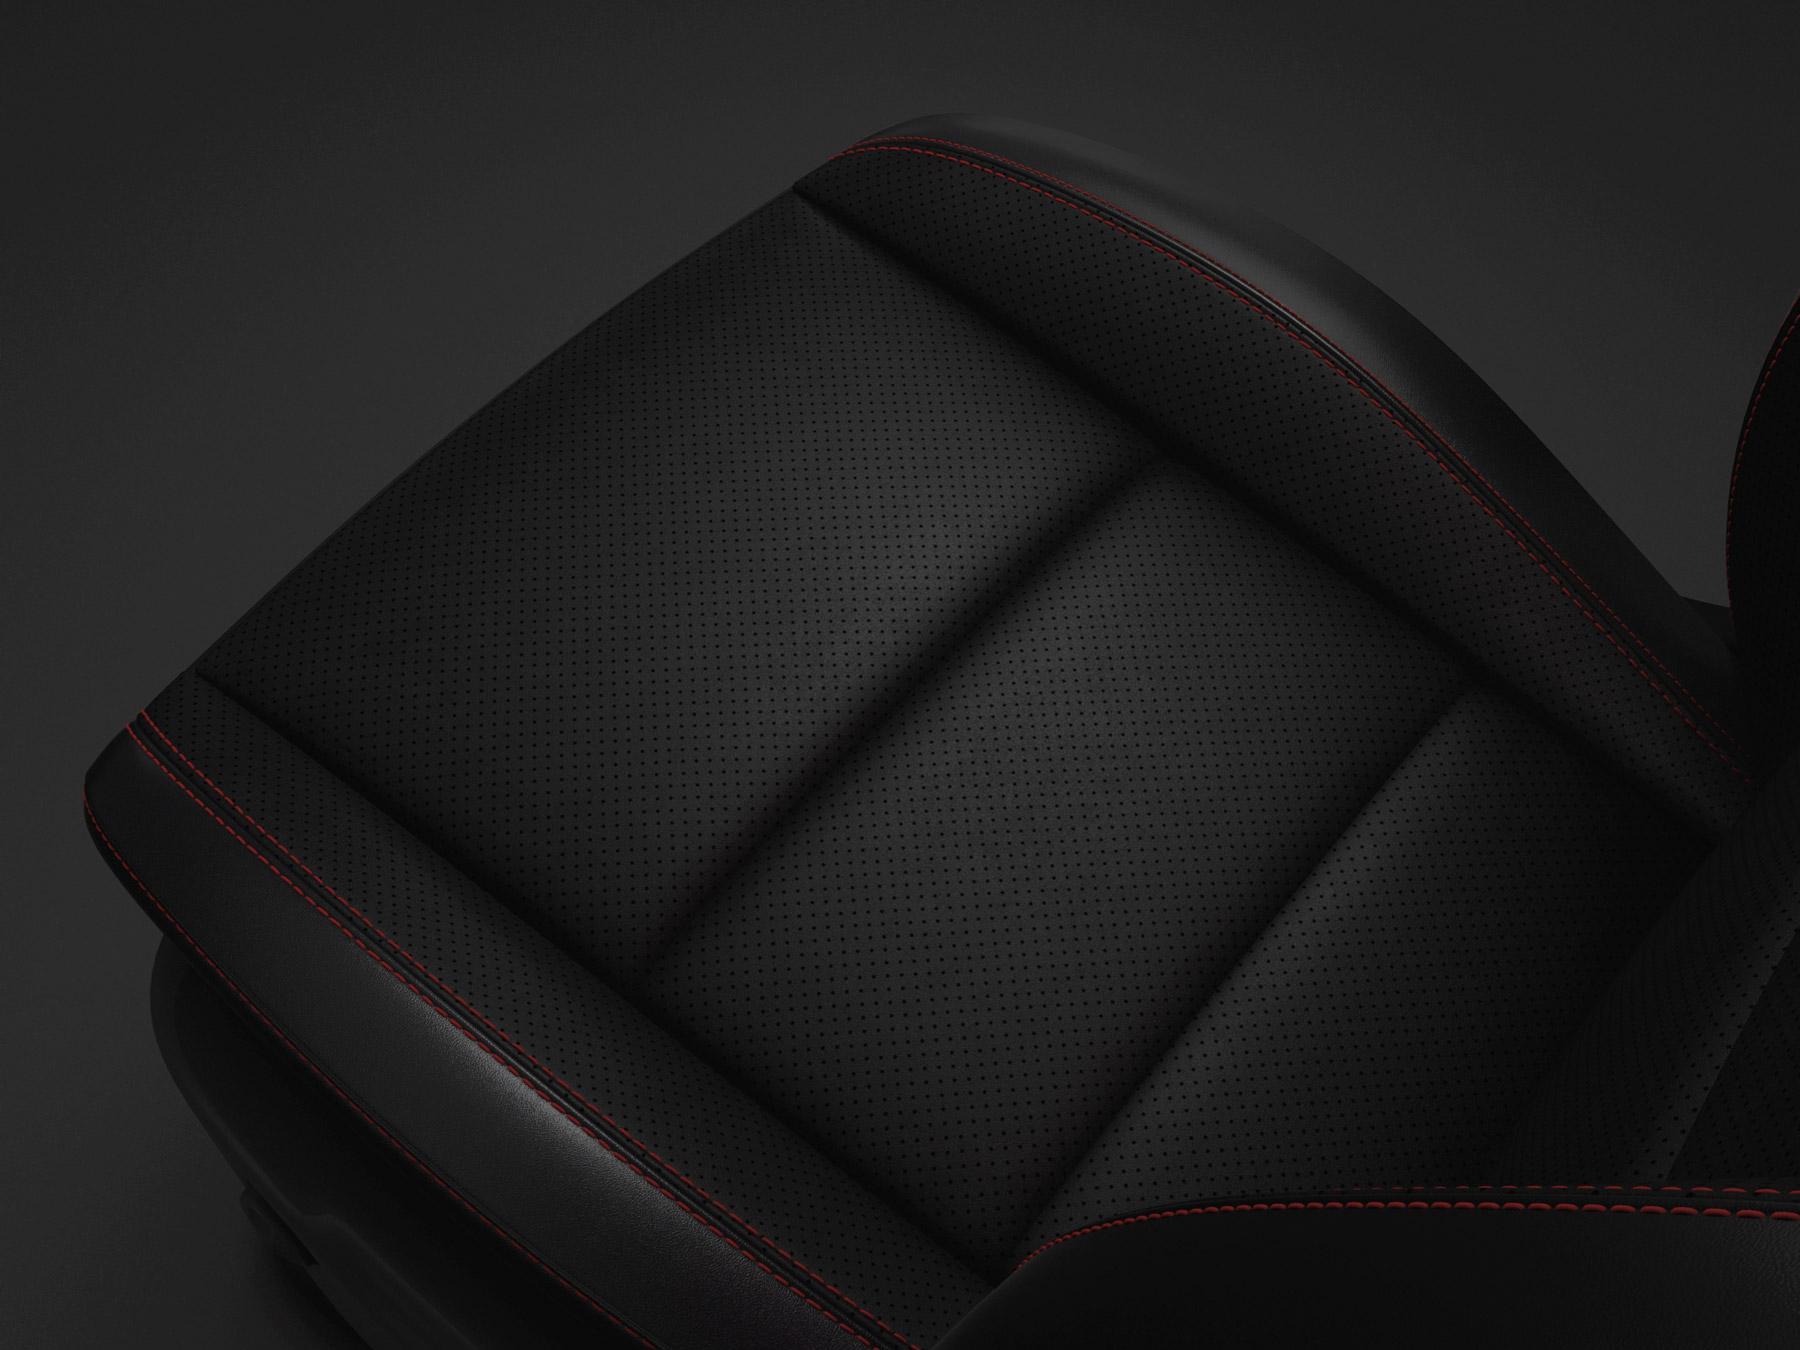 capri leather seat